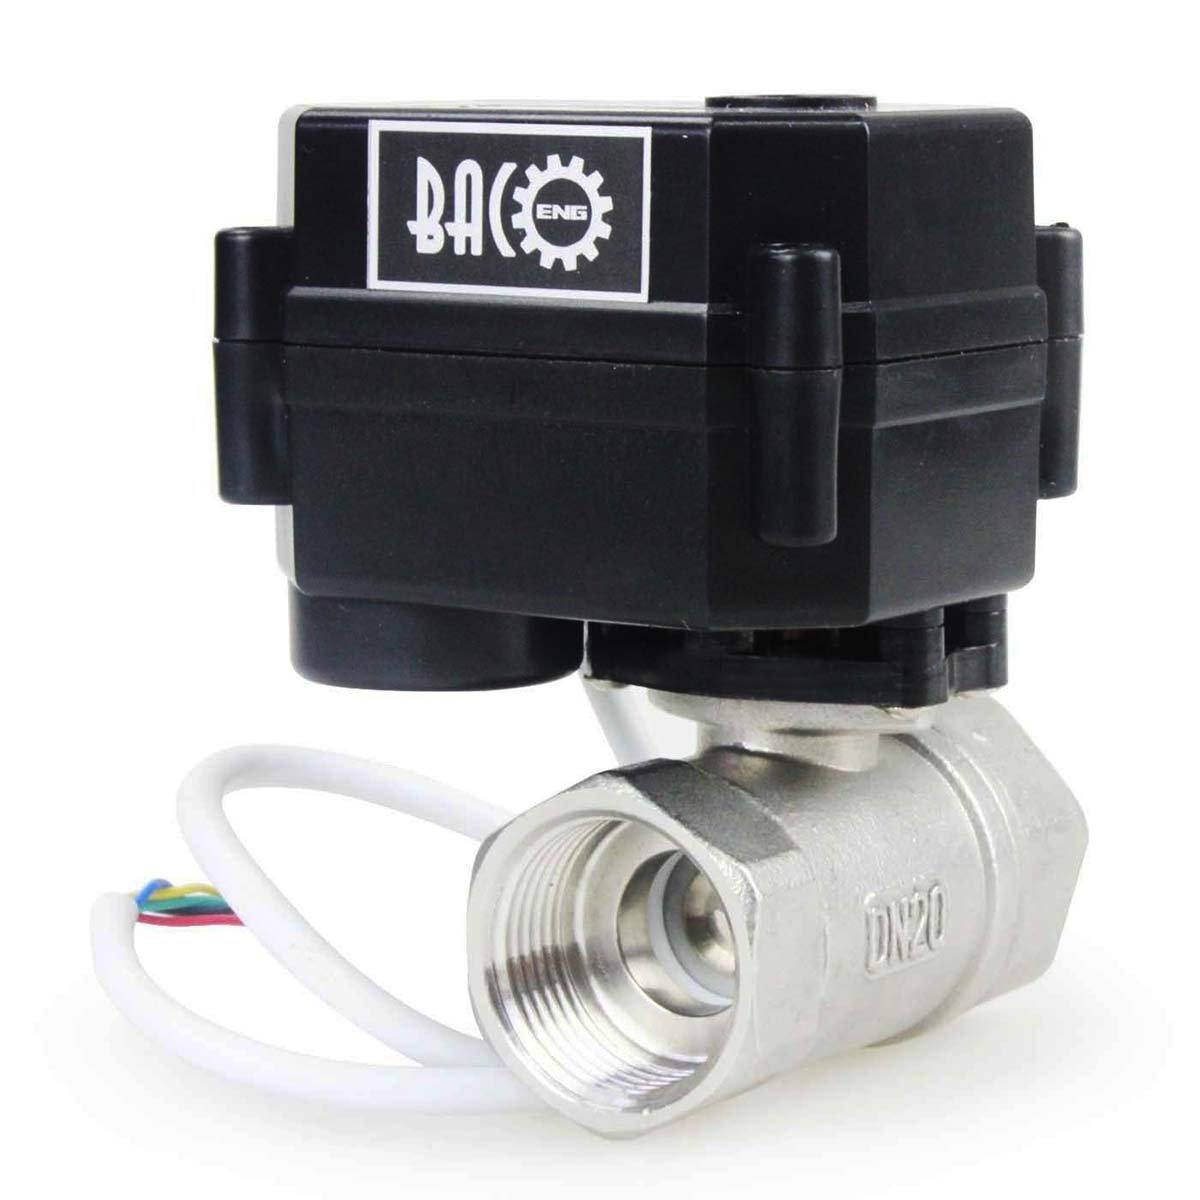 Baco electric ball valve